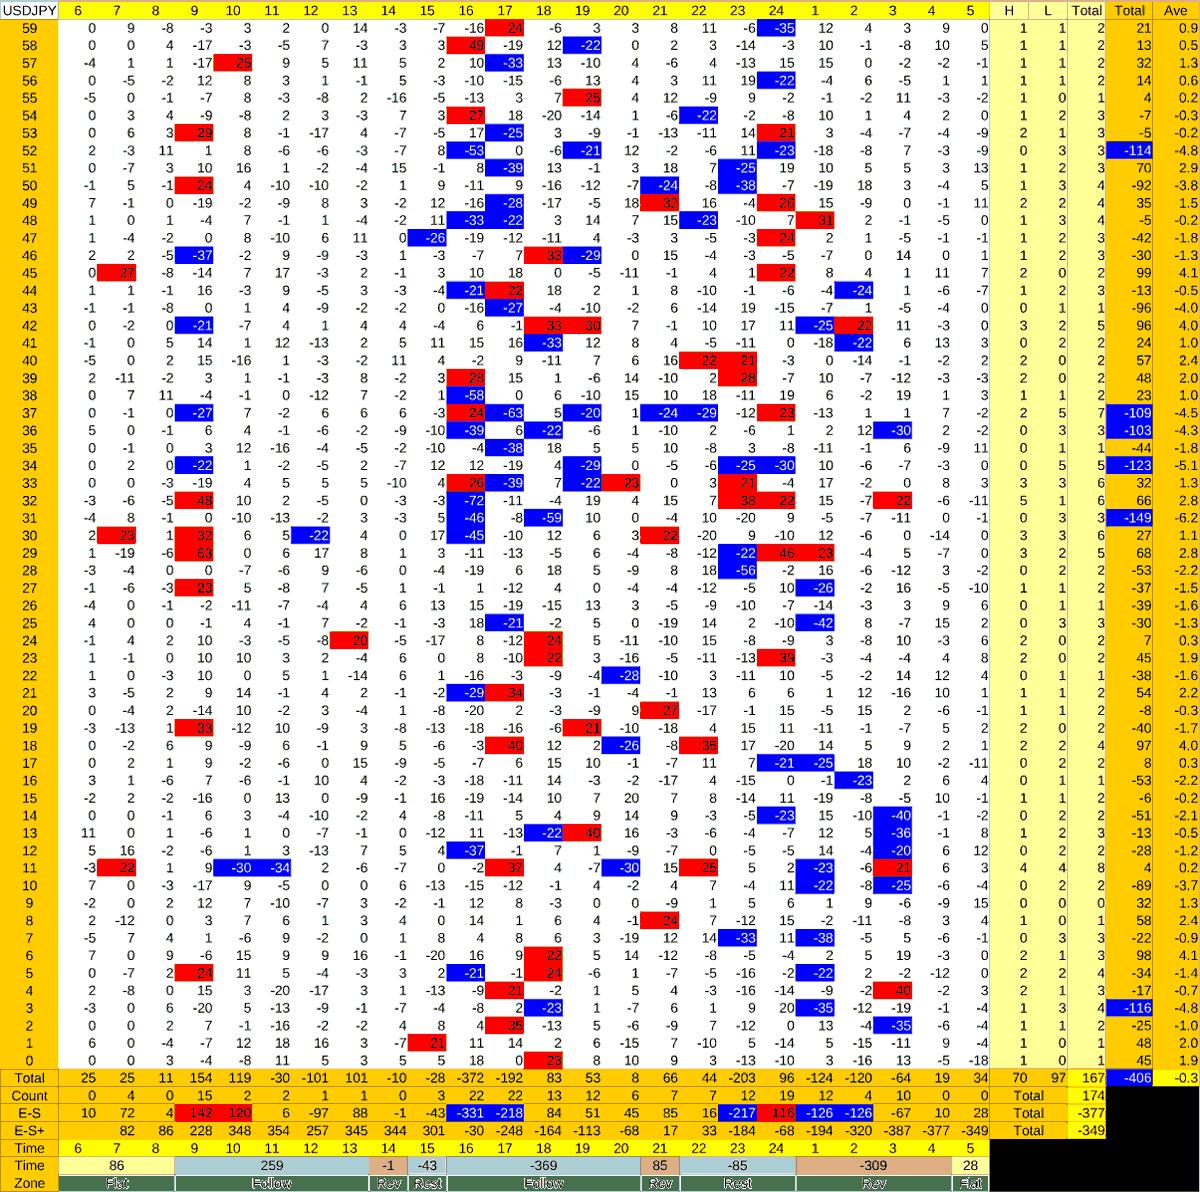 20210309_HS(1)USDJPY